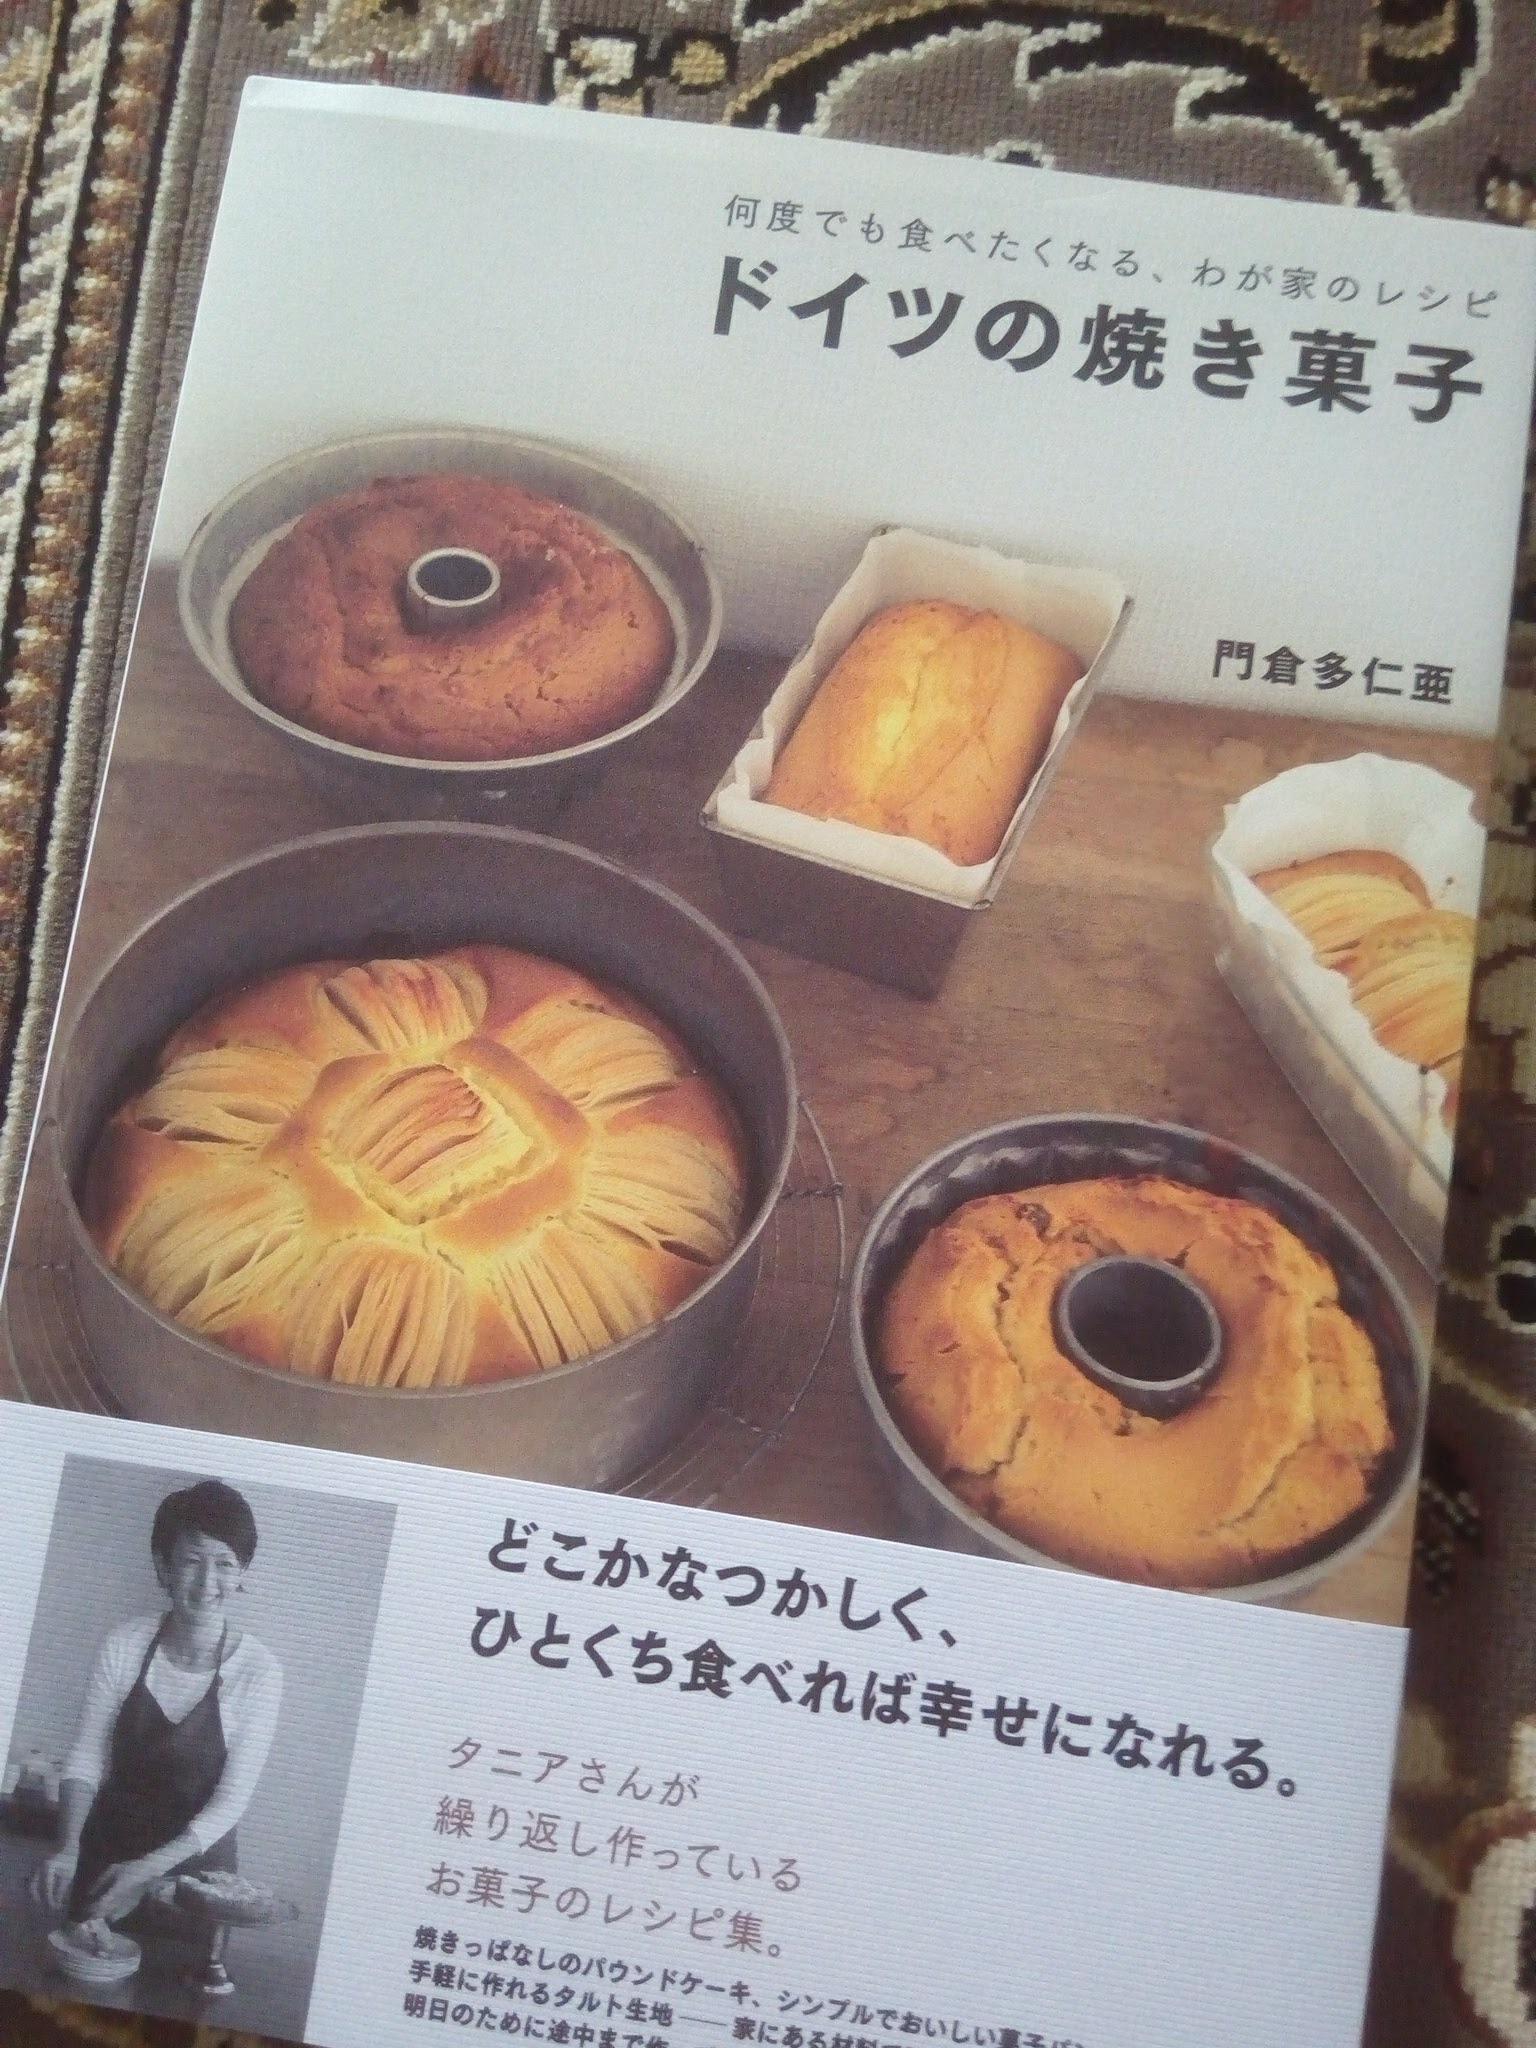 ドイツのお菓子本